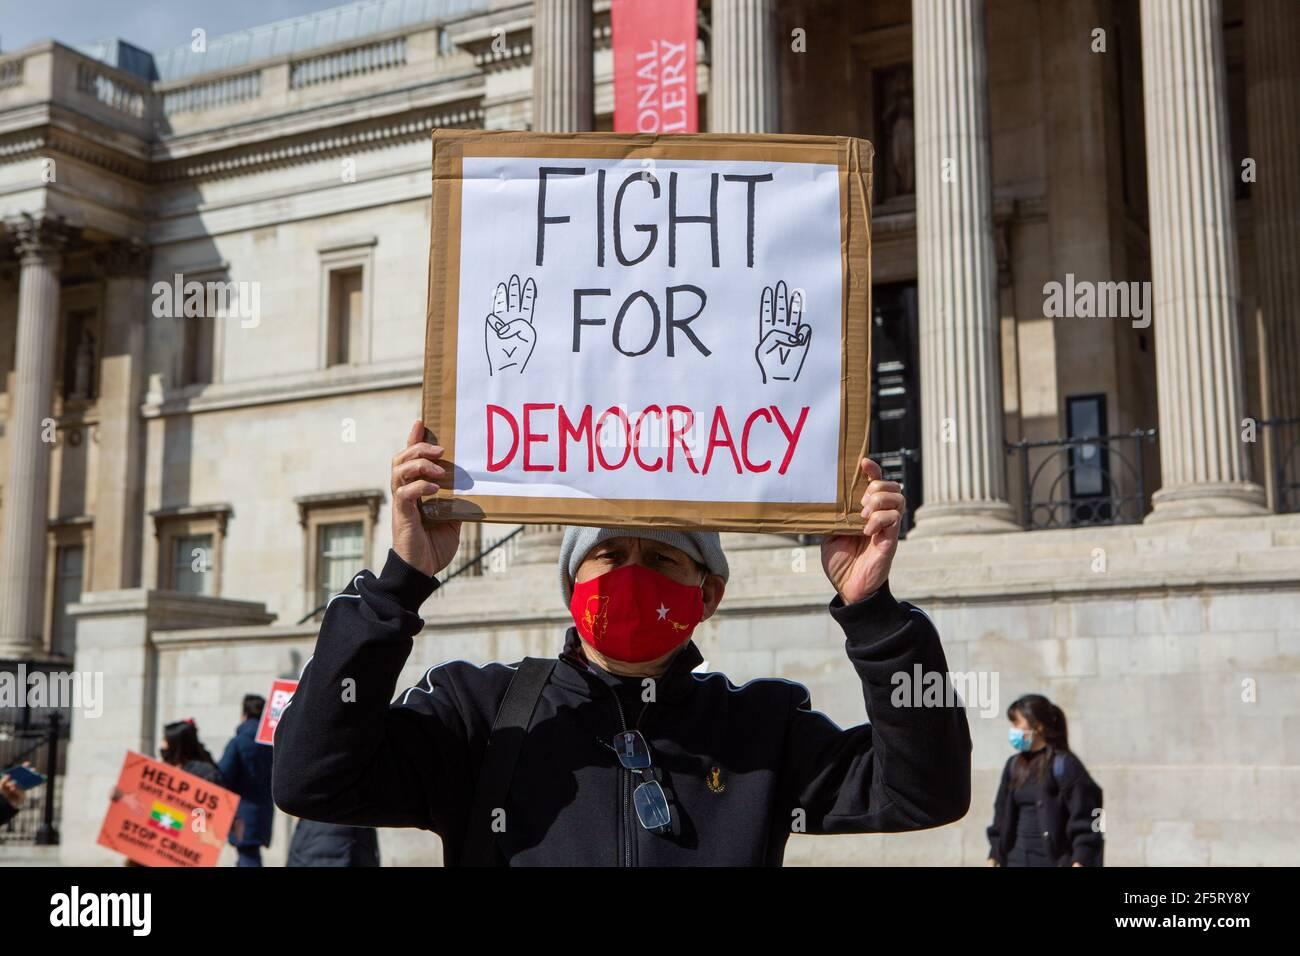 Un manifestante in possesso di un cartello che esprime la sua opinione durante una manifestazione pacifica.Myanmar anti militari colpo di stato dimostranti si sono riuniti a Trafalgar Square mentre dozzine di più sono uccisi nel paese. La polizia e i soldati militari del Myanmar (tatmadow) hanno attaccato i manifestanti con proiettili in gomma, munizioni vive, gas lacrimogeni e bombe stordite in risposta ai manifestanti anti anti anti militari di colpo di stato il sabato in Myanmar, uccidendo più di 90 persone e ferendo molti altri. Almeno 300 persone sono state uccise in Myanmar dal colpo di Stato del 1° febbraio, ha affermato un funzionario delle Nazioni Unite per i diritti umani. Il Myanmar militare detenuto Stato Counsell Foto Stock